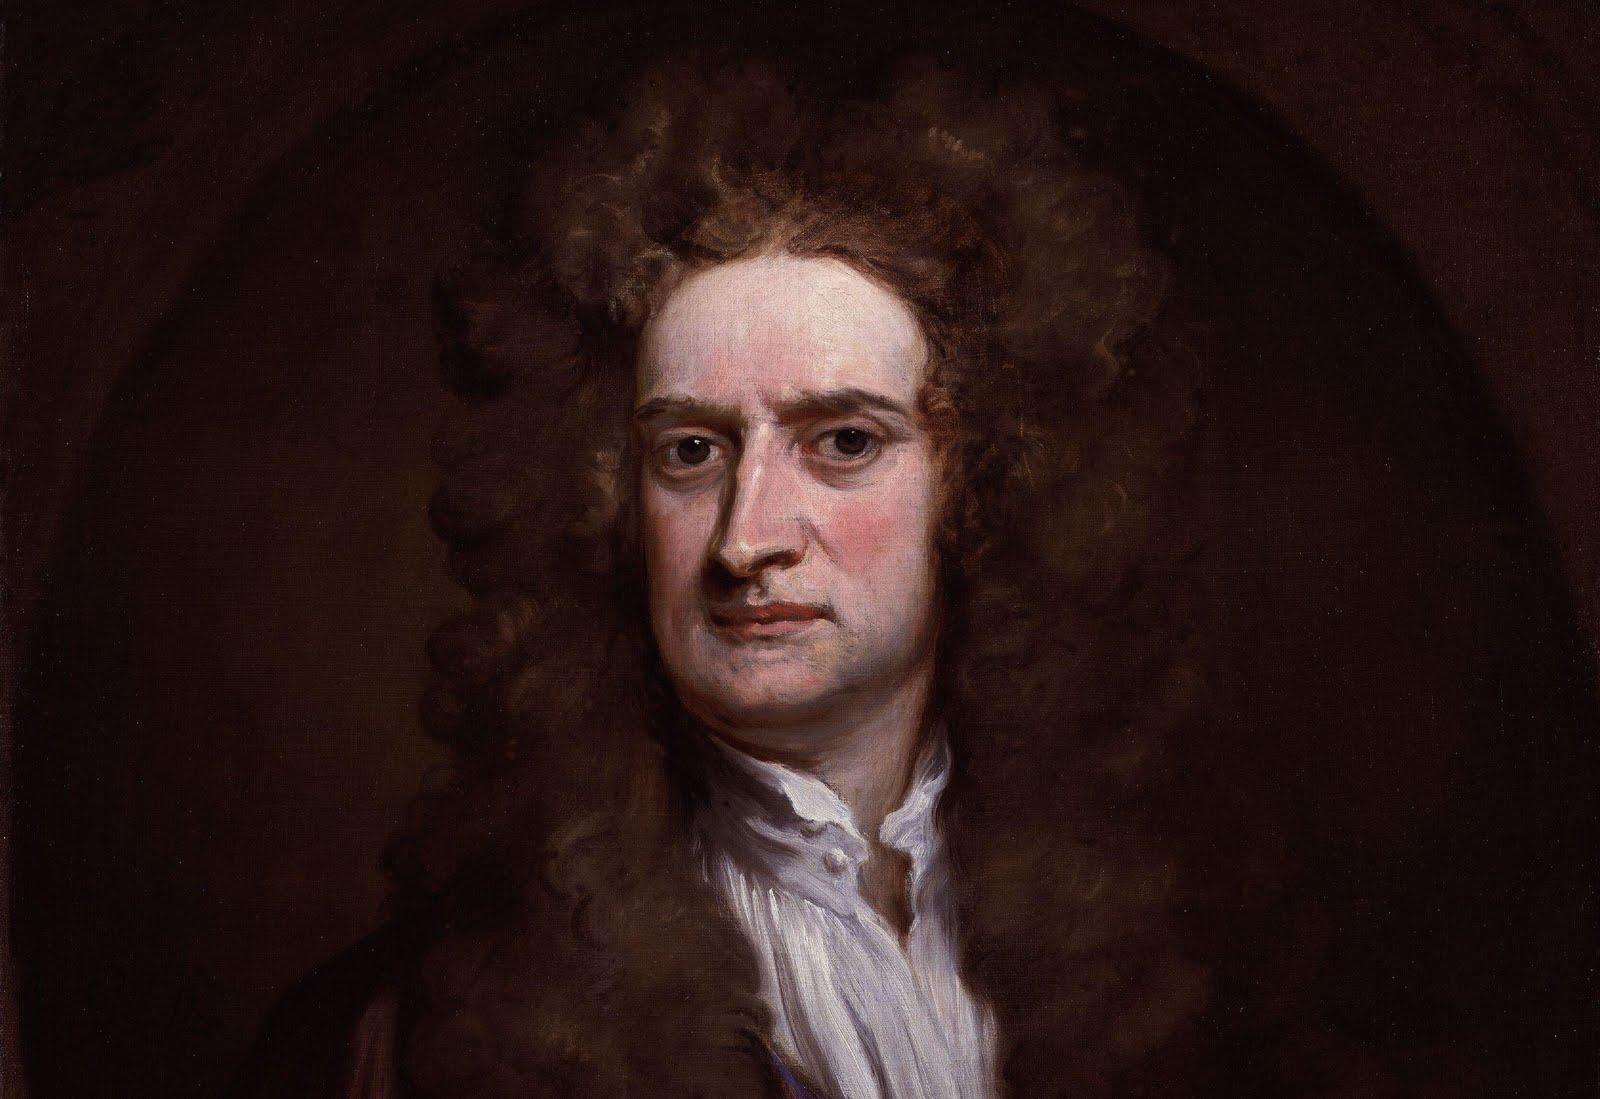 http://2.bp.blogspot.com/-XlGcv-PEfkY/TbgO3du7whI/AAAAAAAAAjU/HT2vRTVinbQ/s1600/Sir+Godfrey+Kneller%252C+Sir+Isaac+Newton%252C+1723.jpg